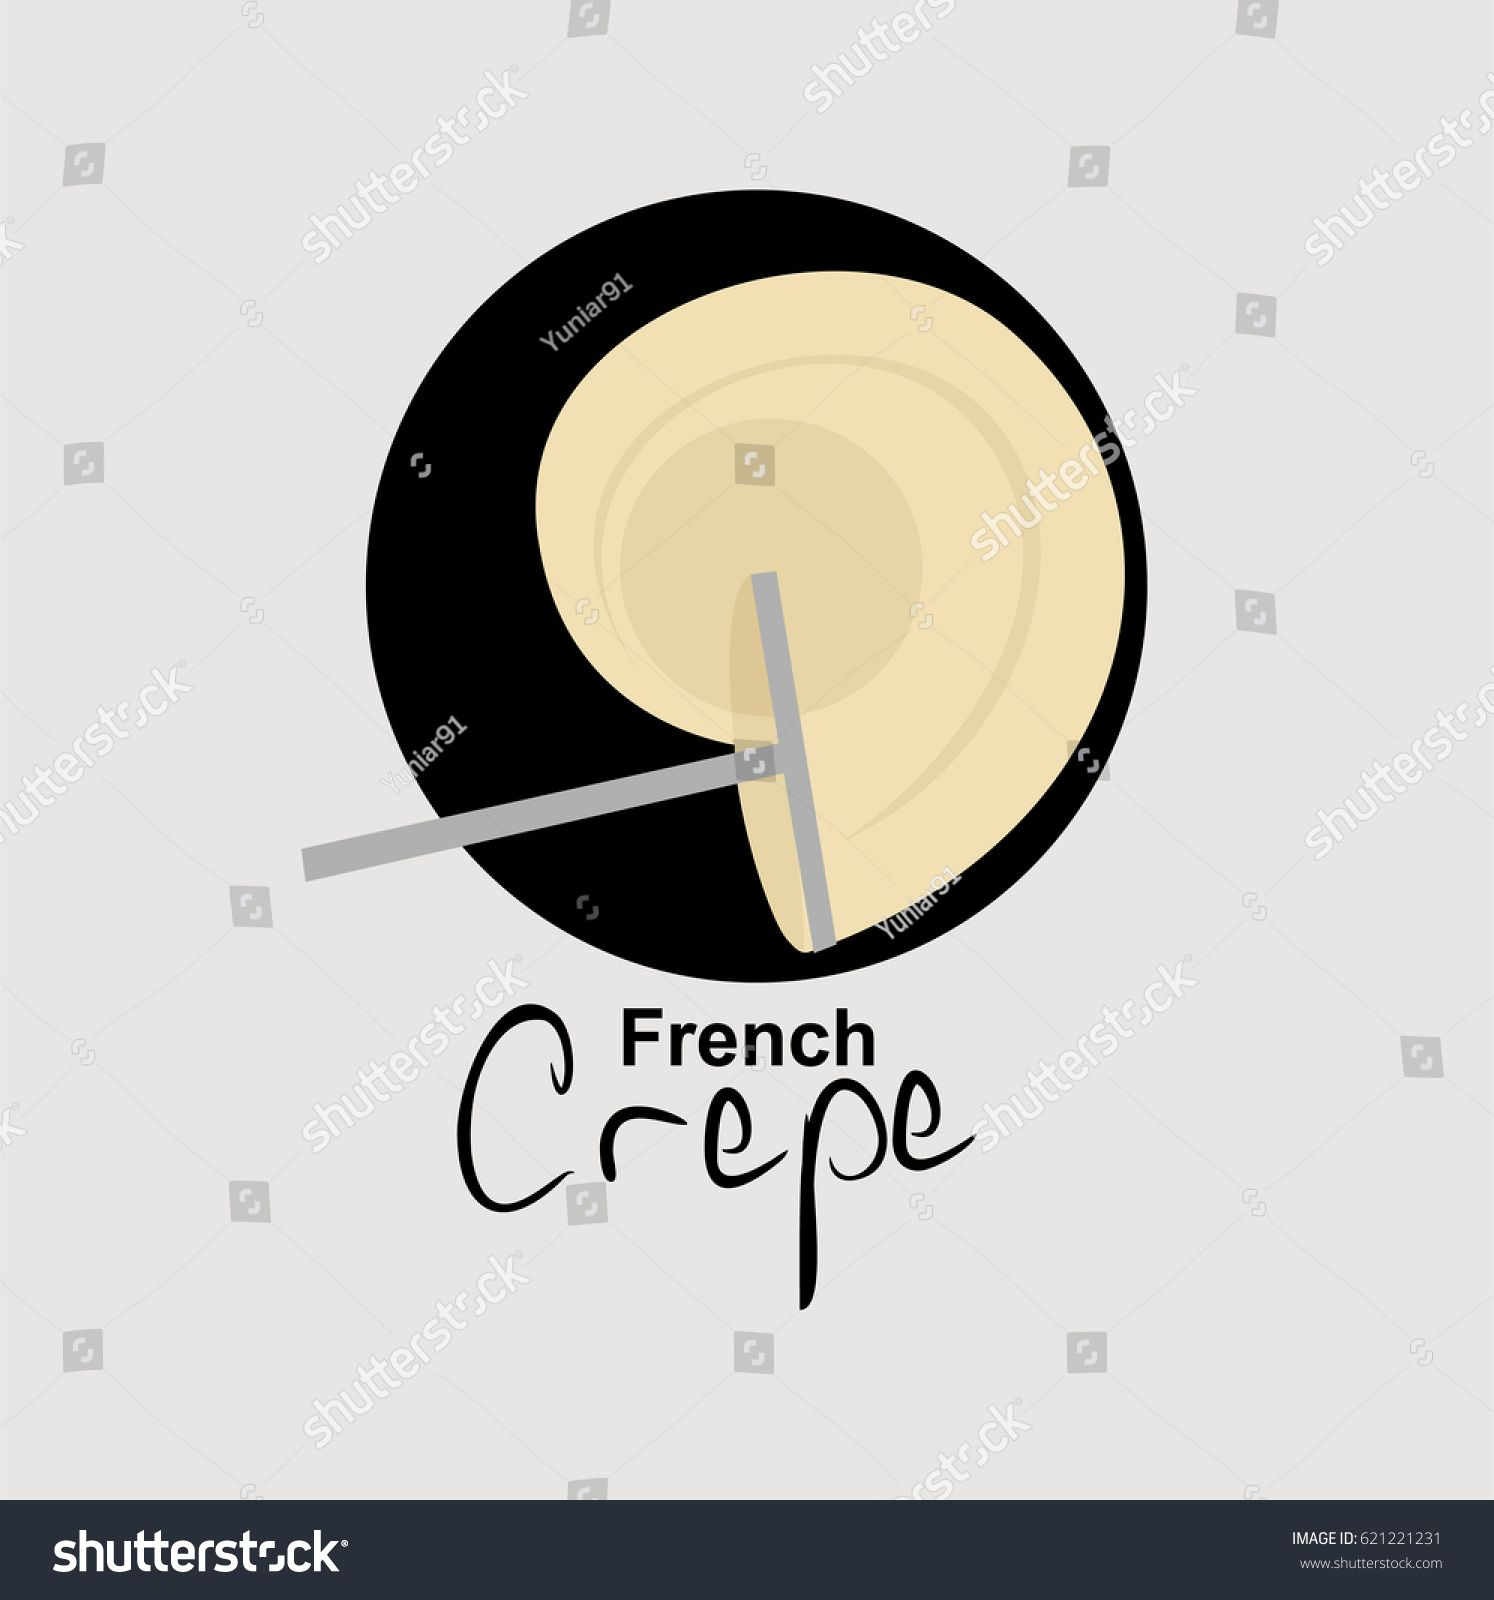 French Crepe logo vector illustration   Creperia, Disenos de unas, Patio de comidas